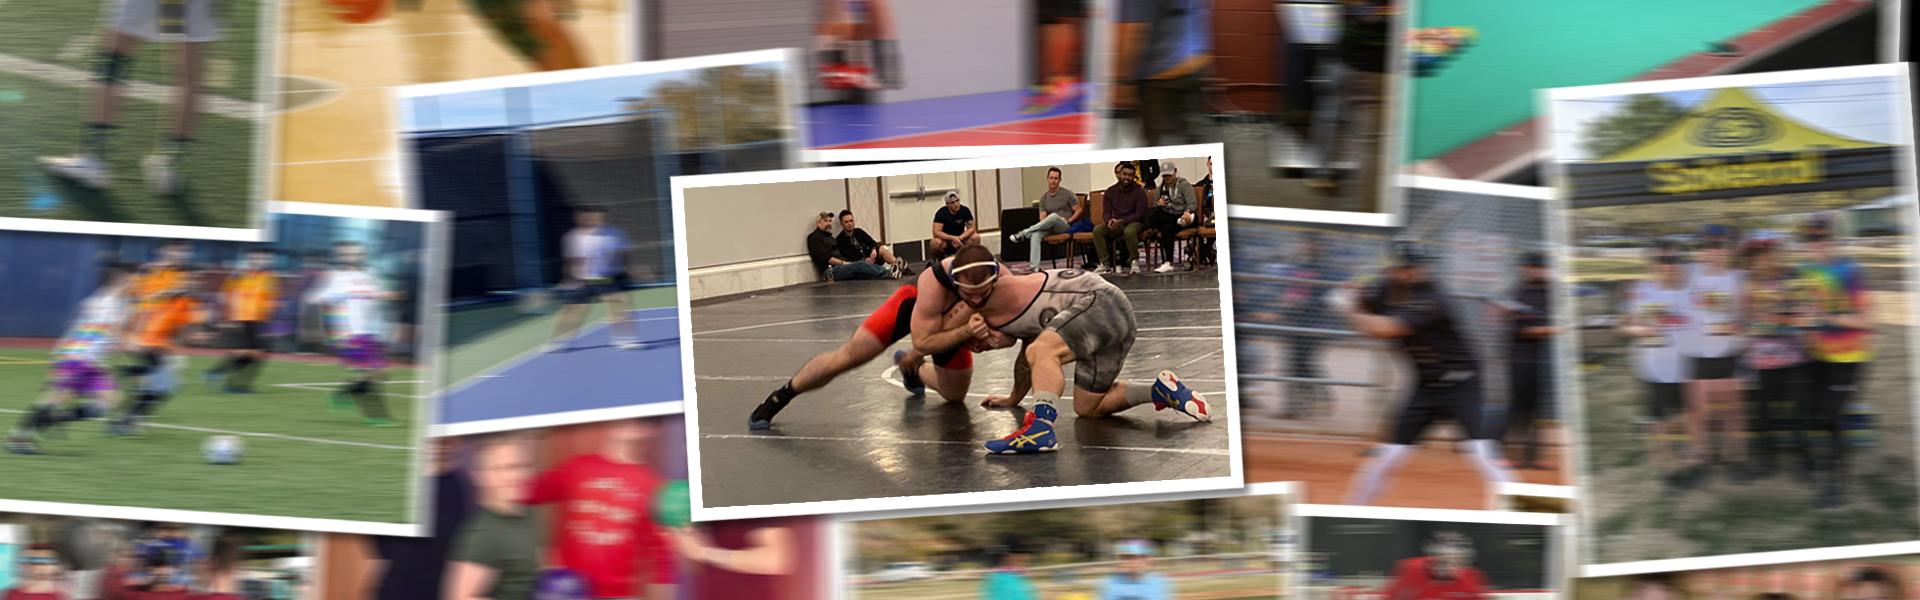 Wrestling & Grappling